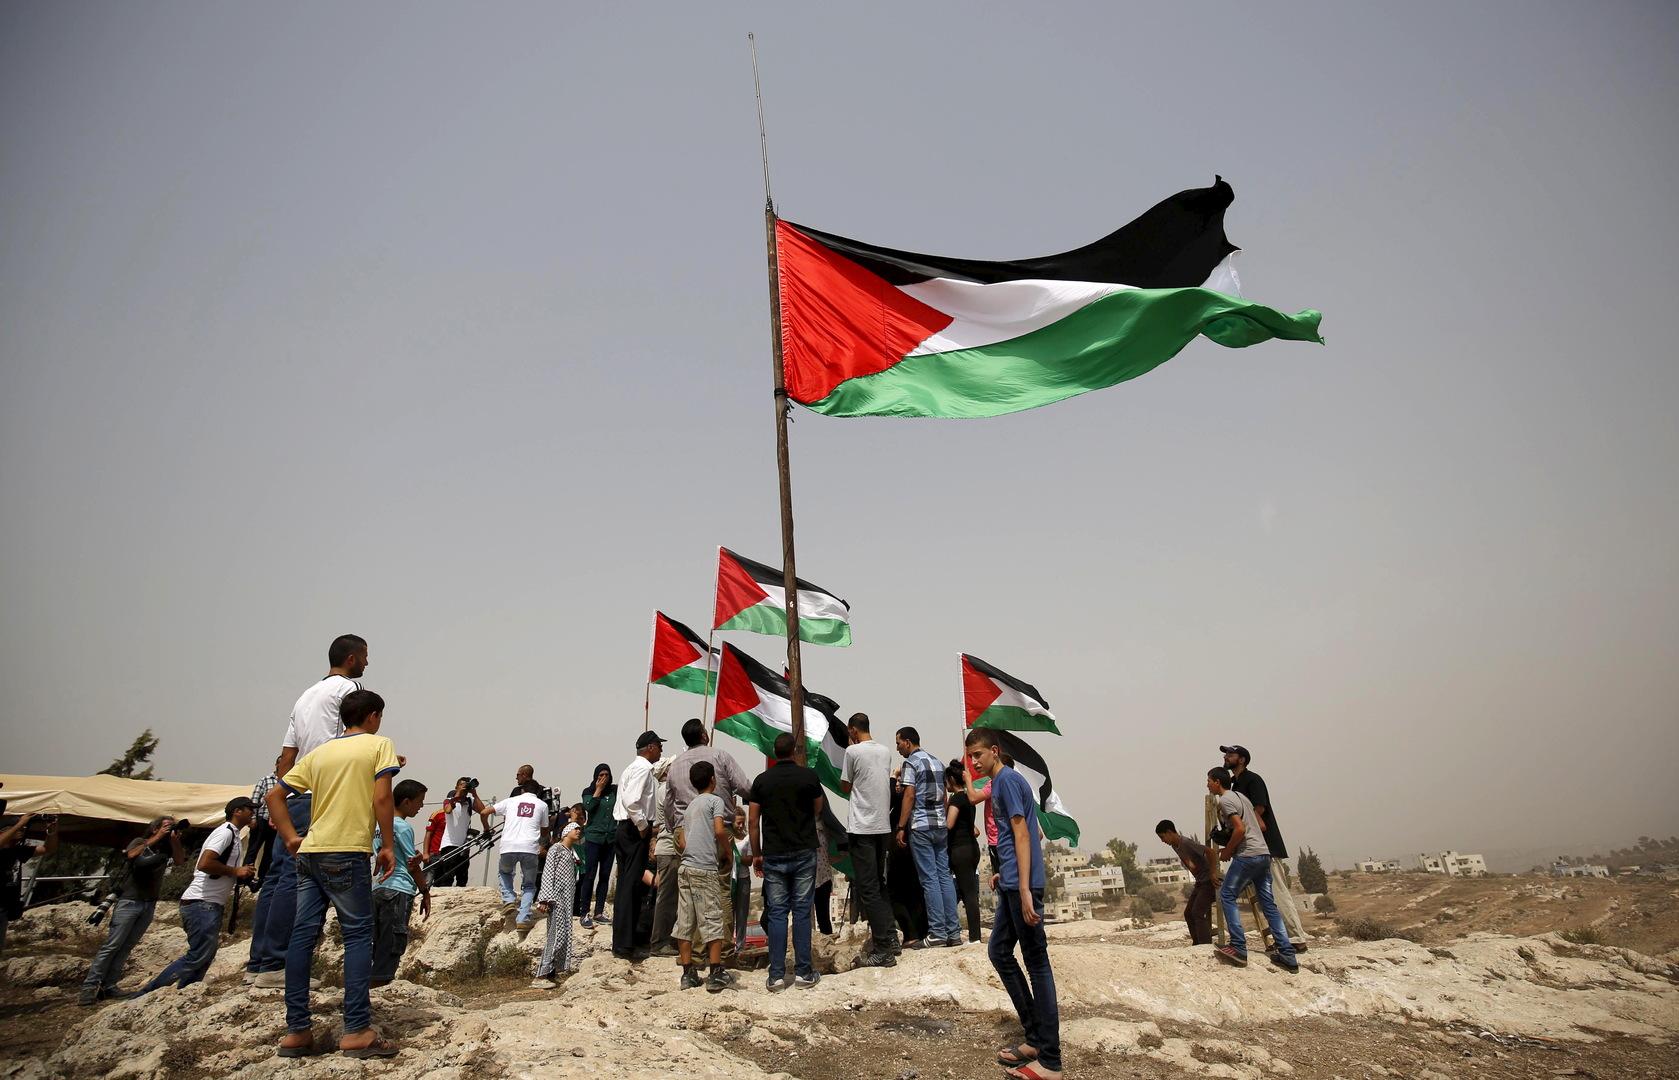 مواجهات خلال مسيرات رافضة للاستيطان الإسرائيلي شمال الضفة الغربية